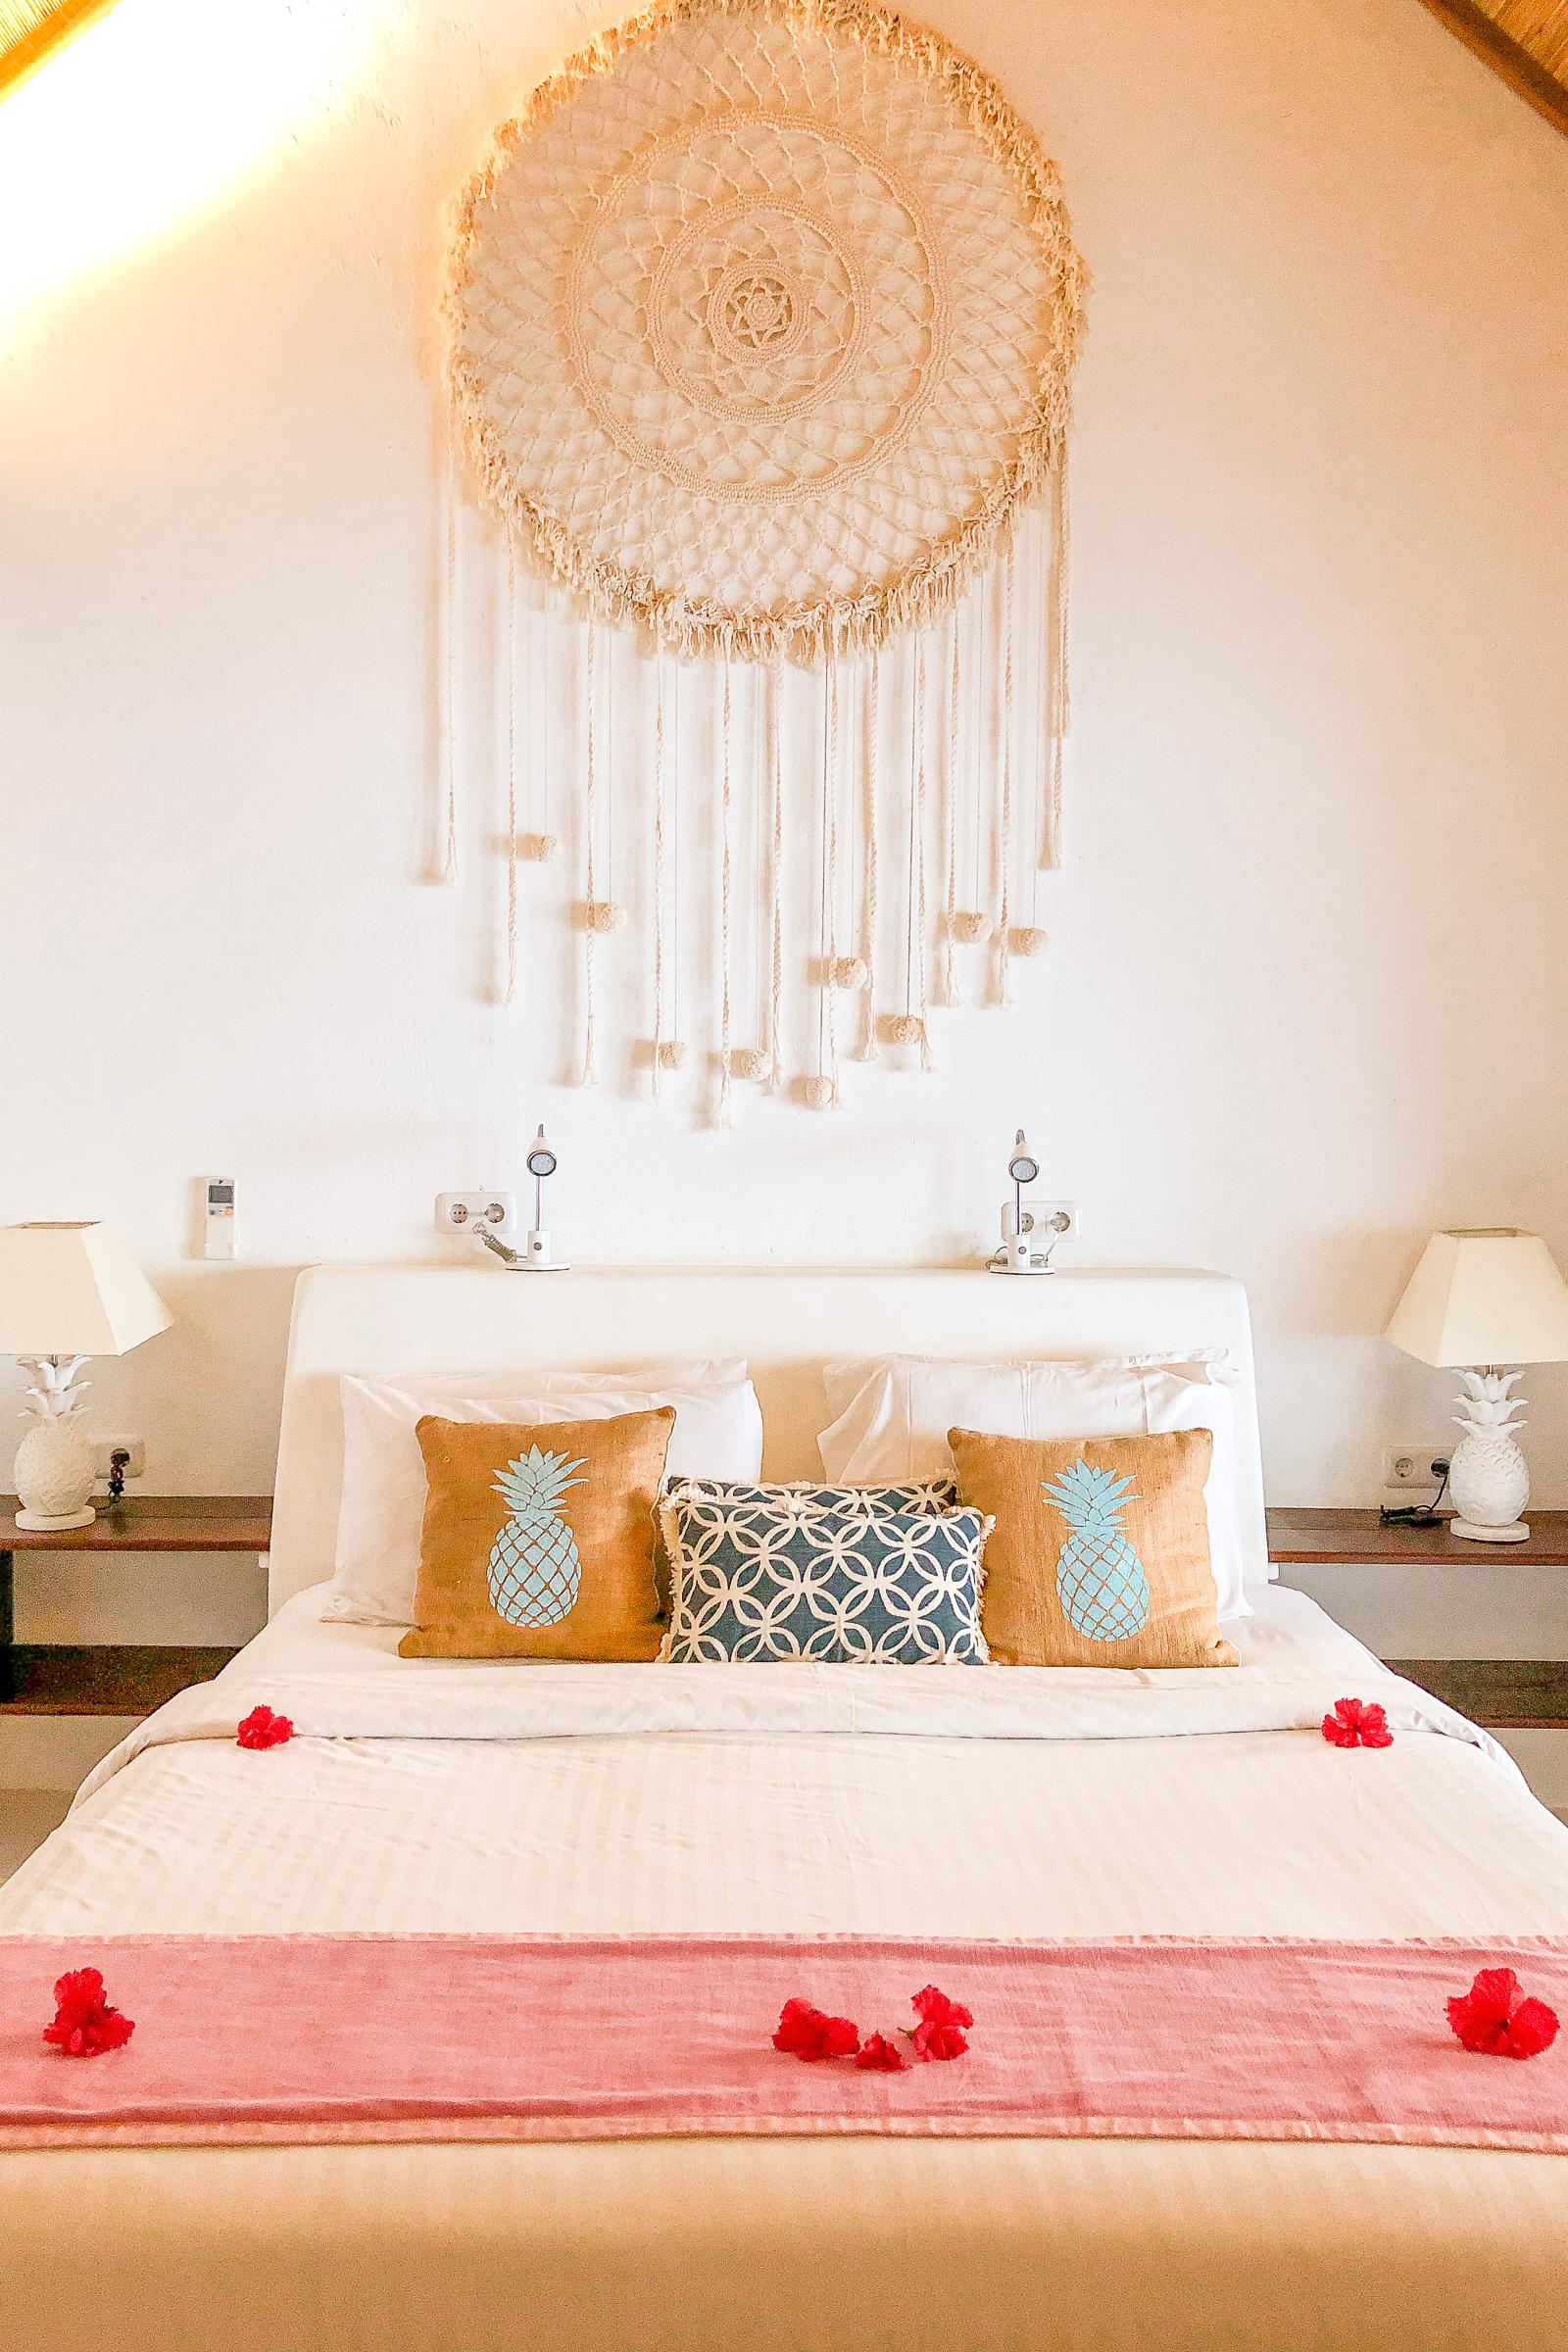 säng med stor drömgångare ovanför, på sunrise resort.